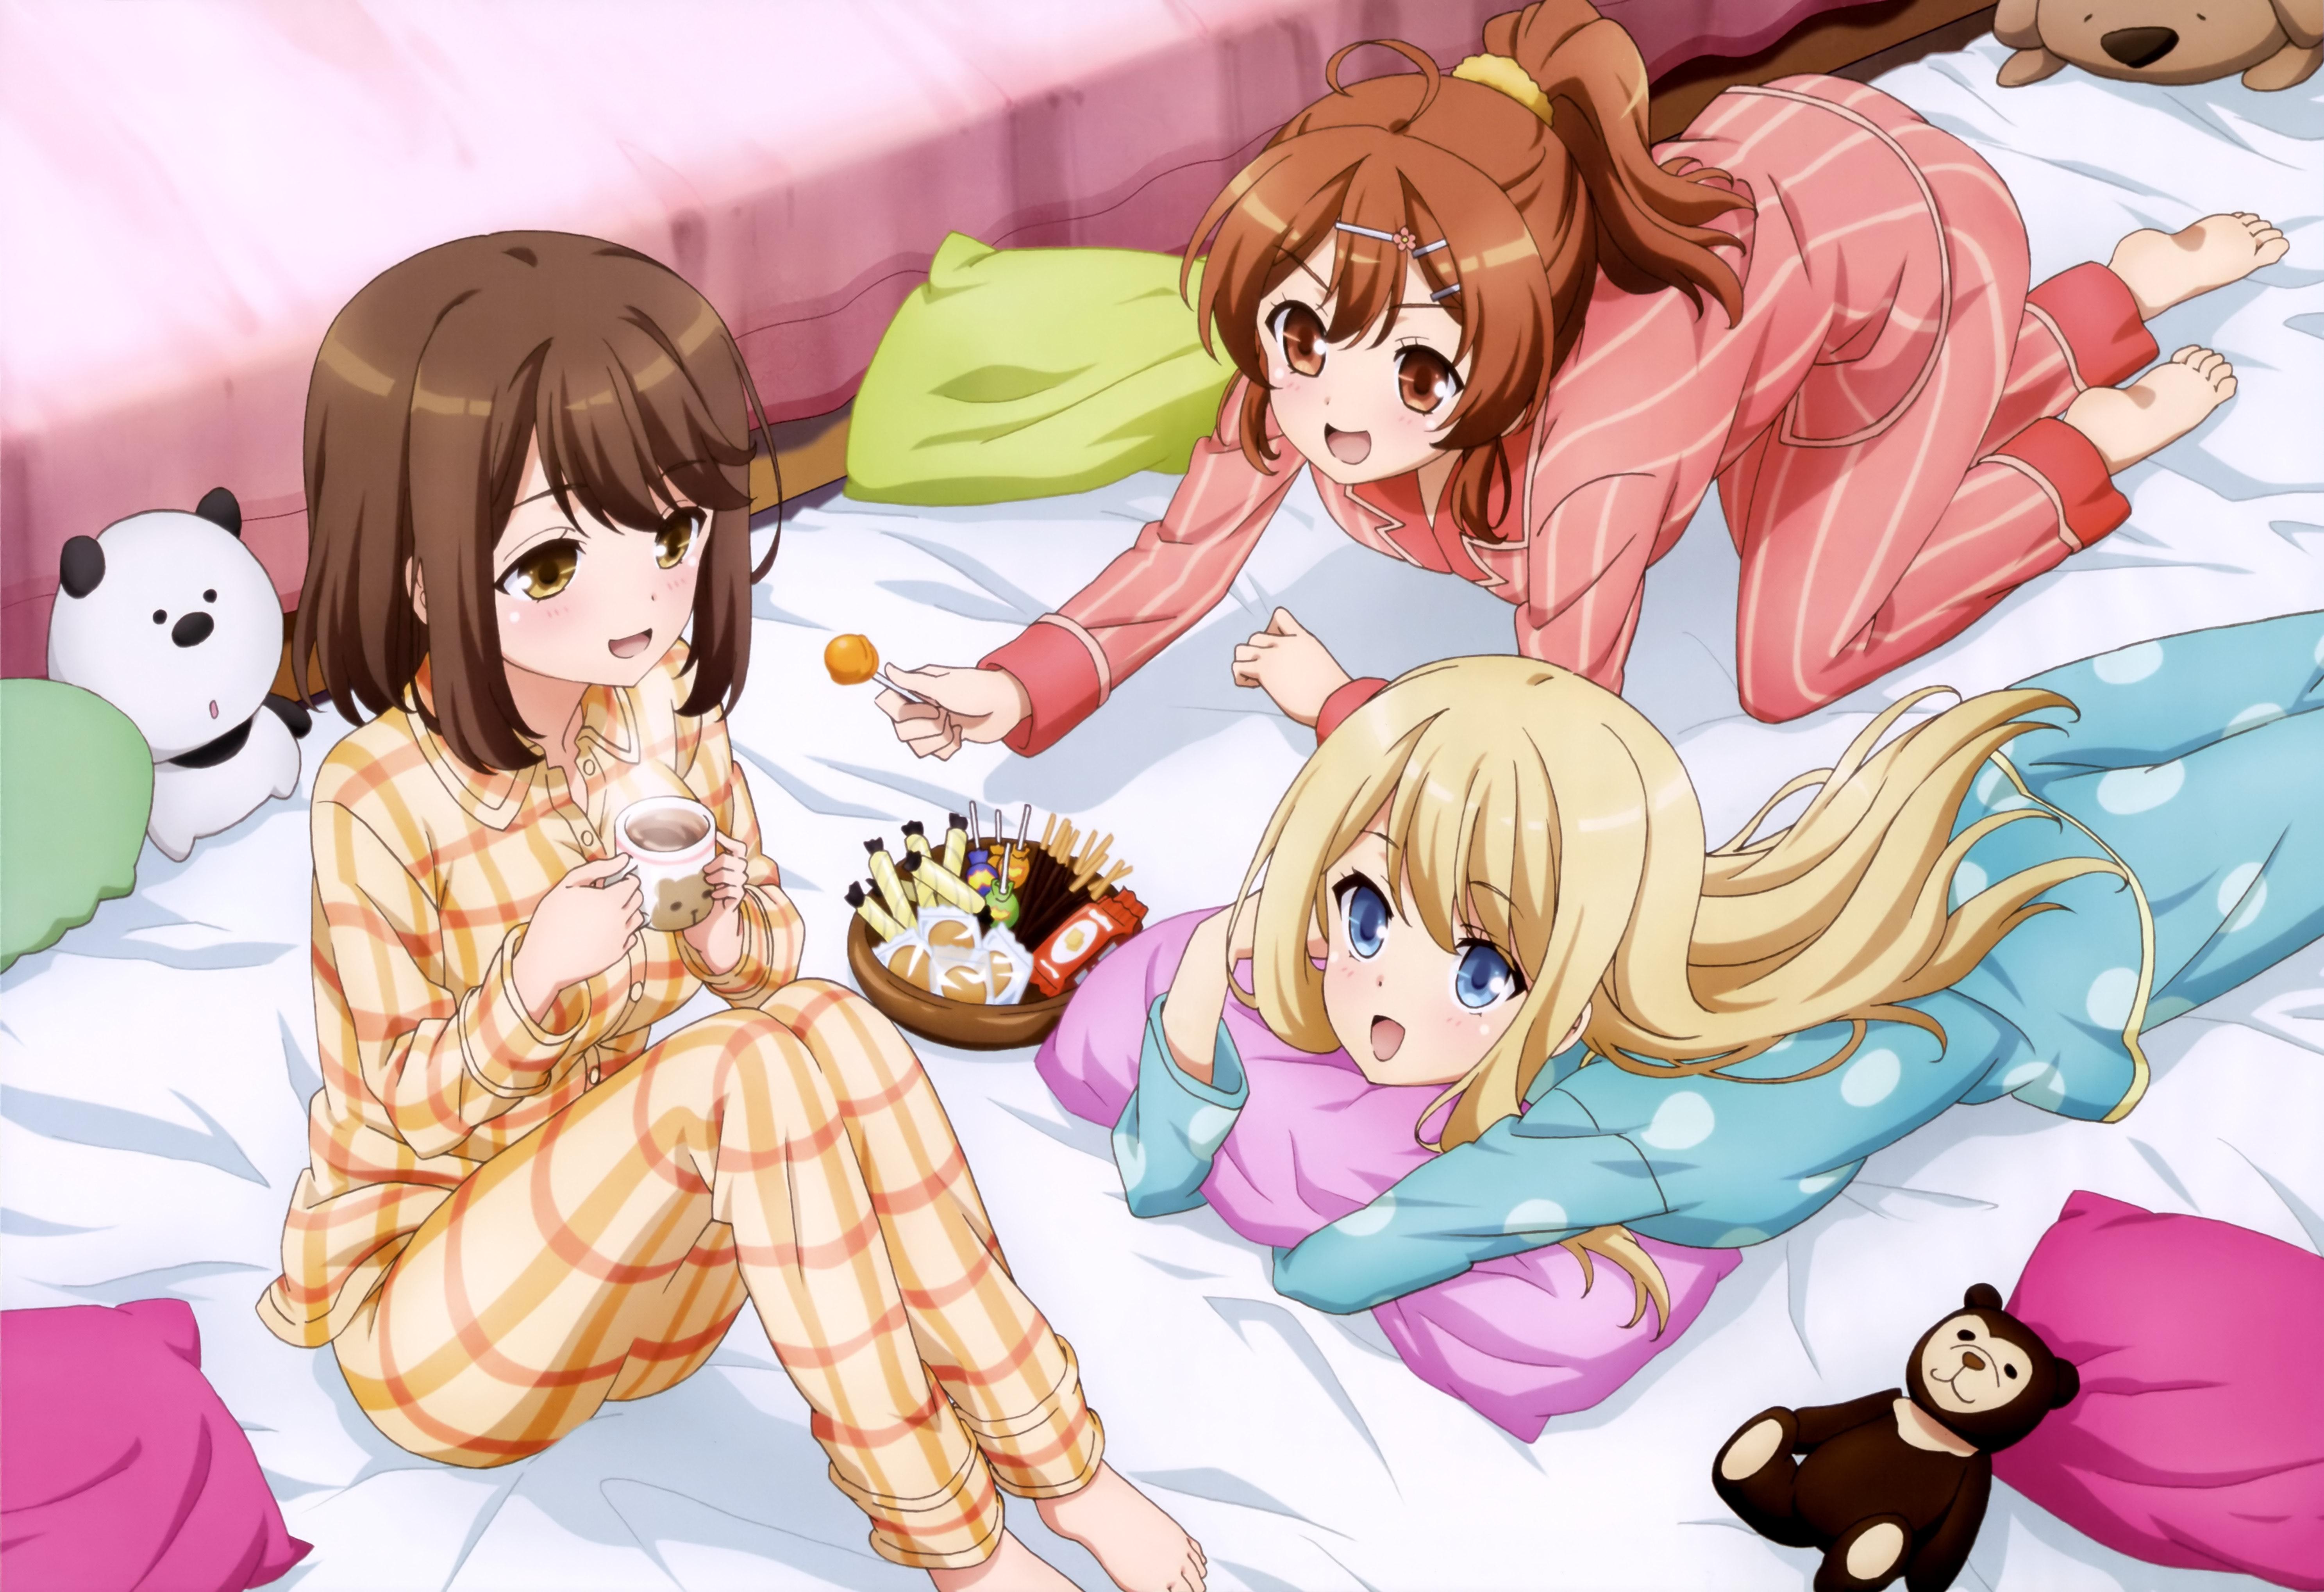 Girlfriend Kari Poster Haruhichan.com NyanType February 2015 article